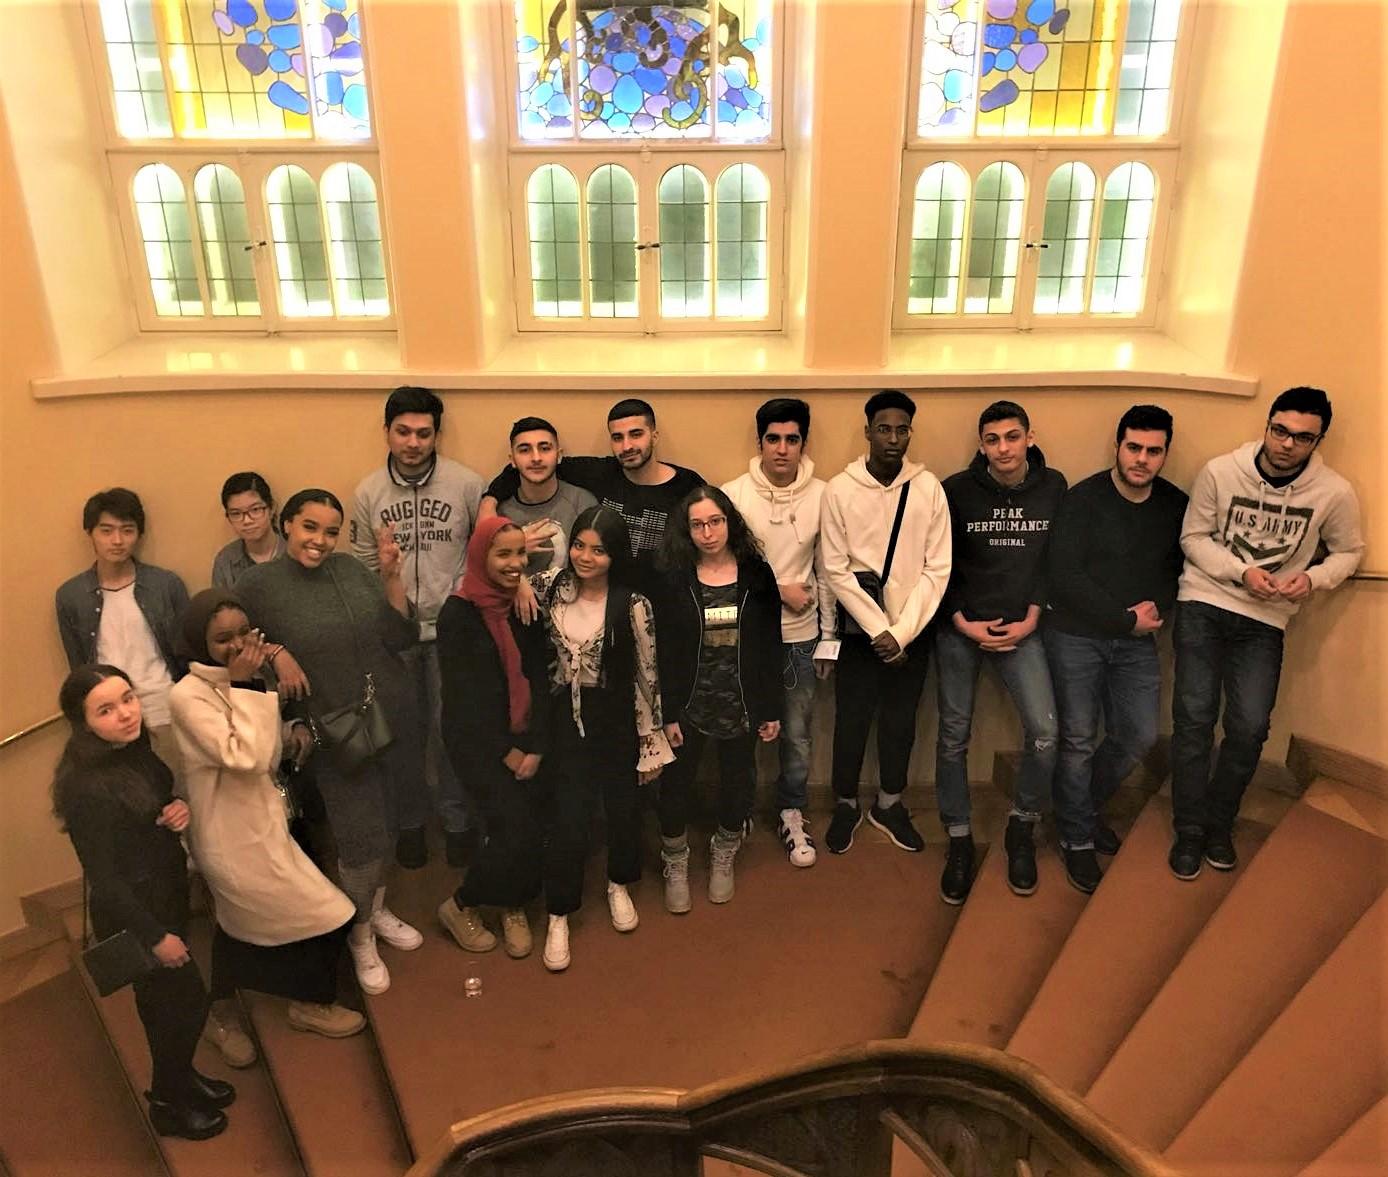 Luulosairautta ja juurihoitoa – S2-opiskelijat jälleen teatterissa